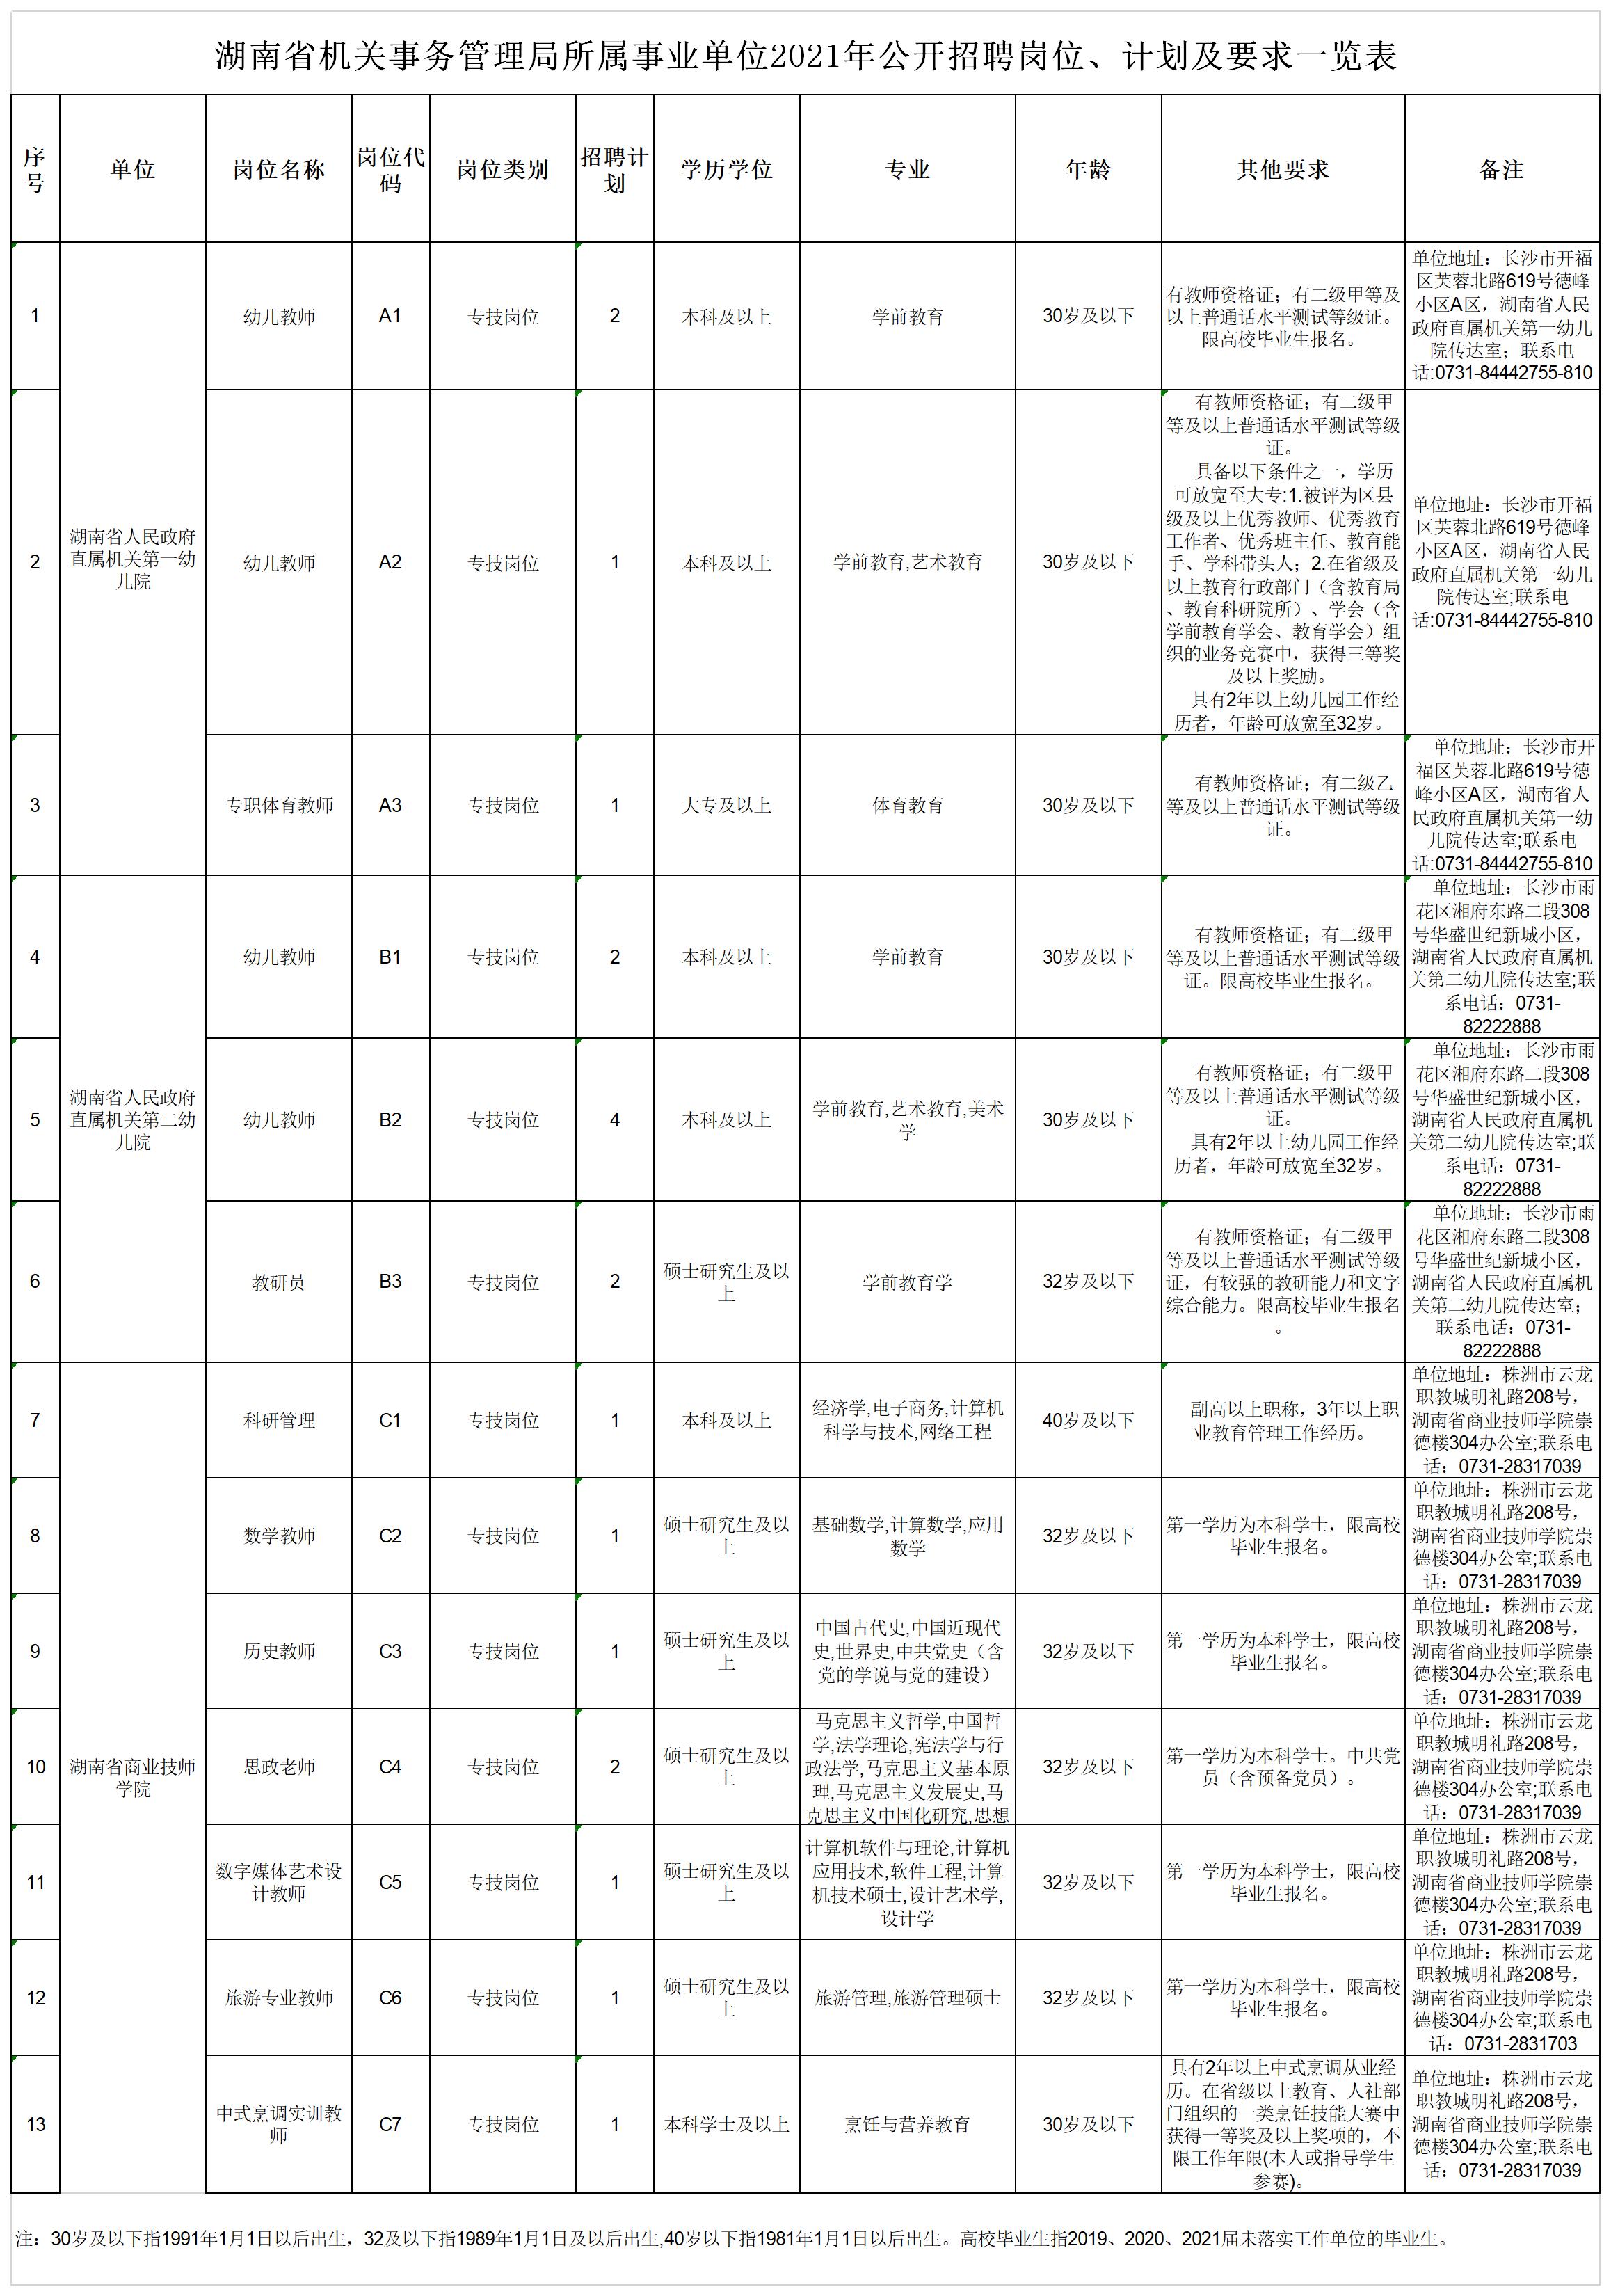 1.湖南省机关事务管理局所属事业单位2021年公开招聘岗位、计划及要求一览表.png